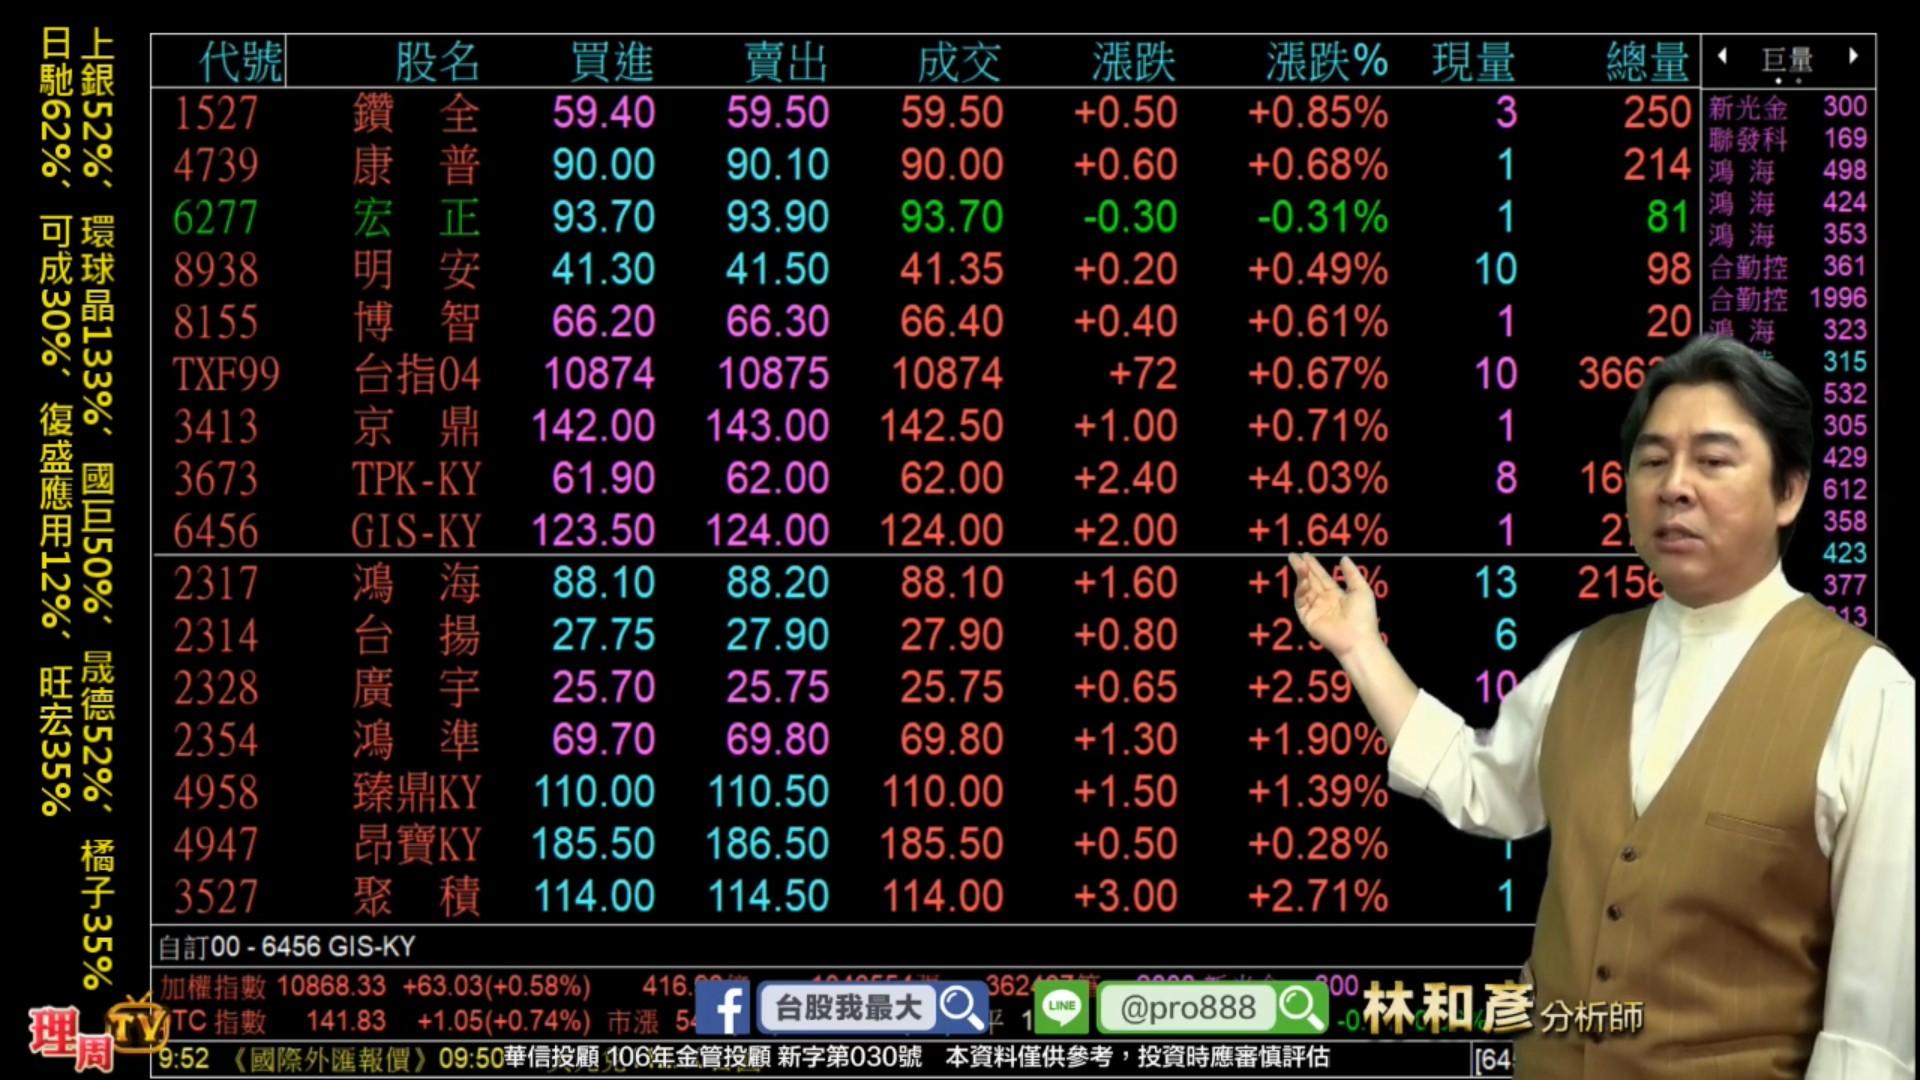 0415盤中 美股再創歷史新高 全球股市多頭加速漲 台股加油!